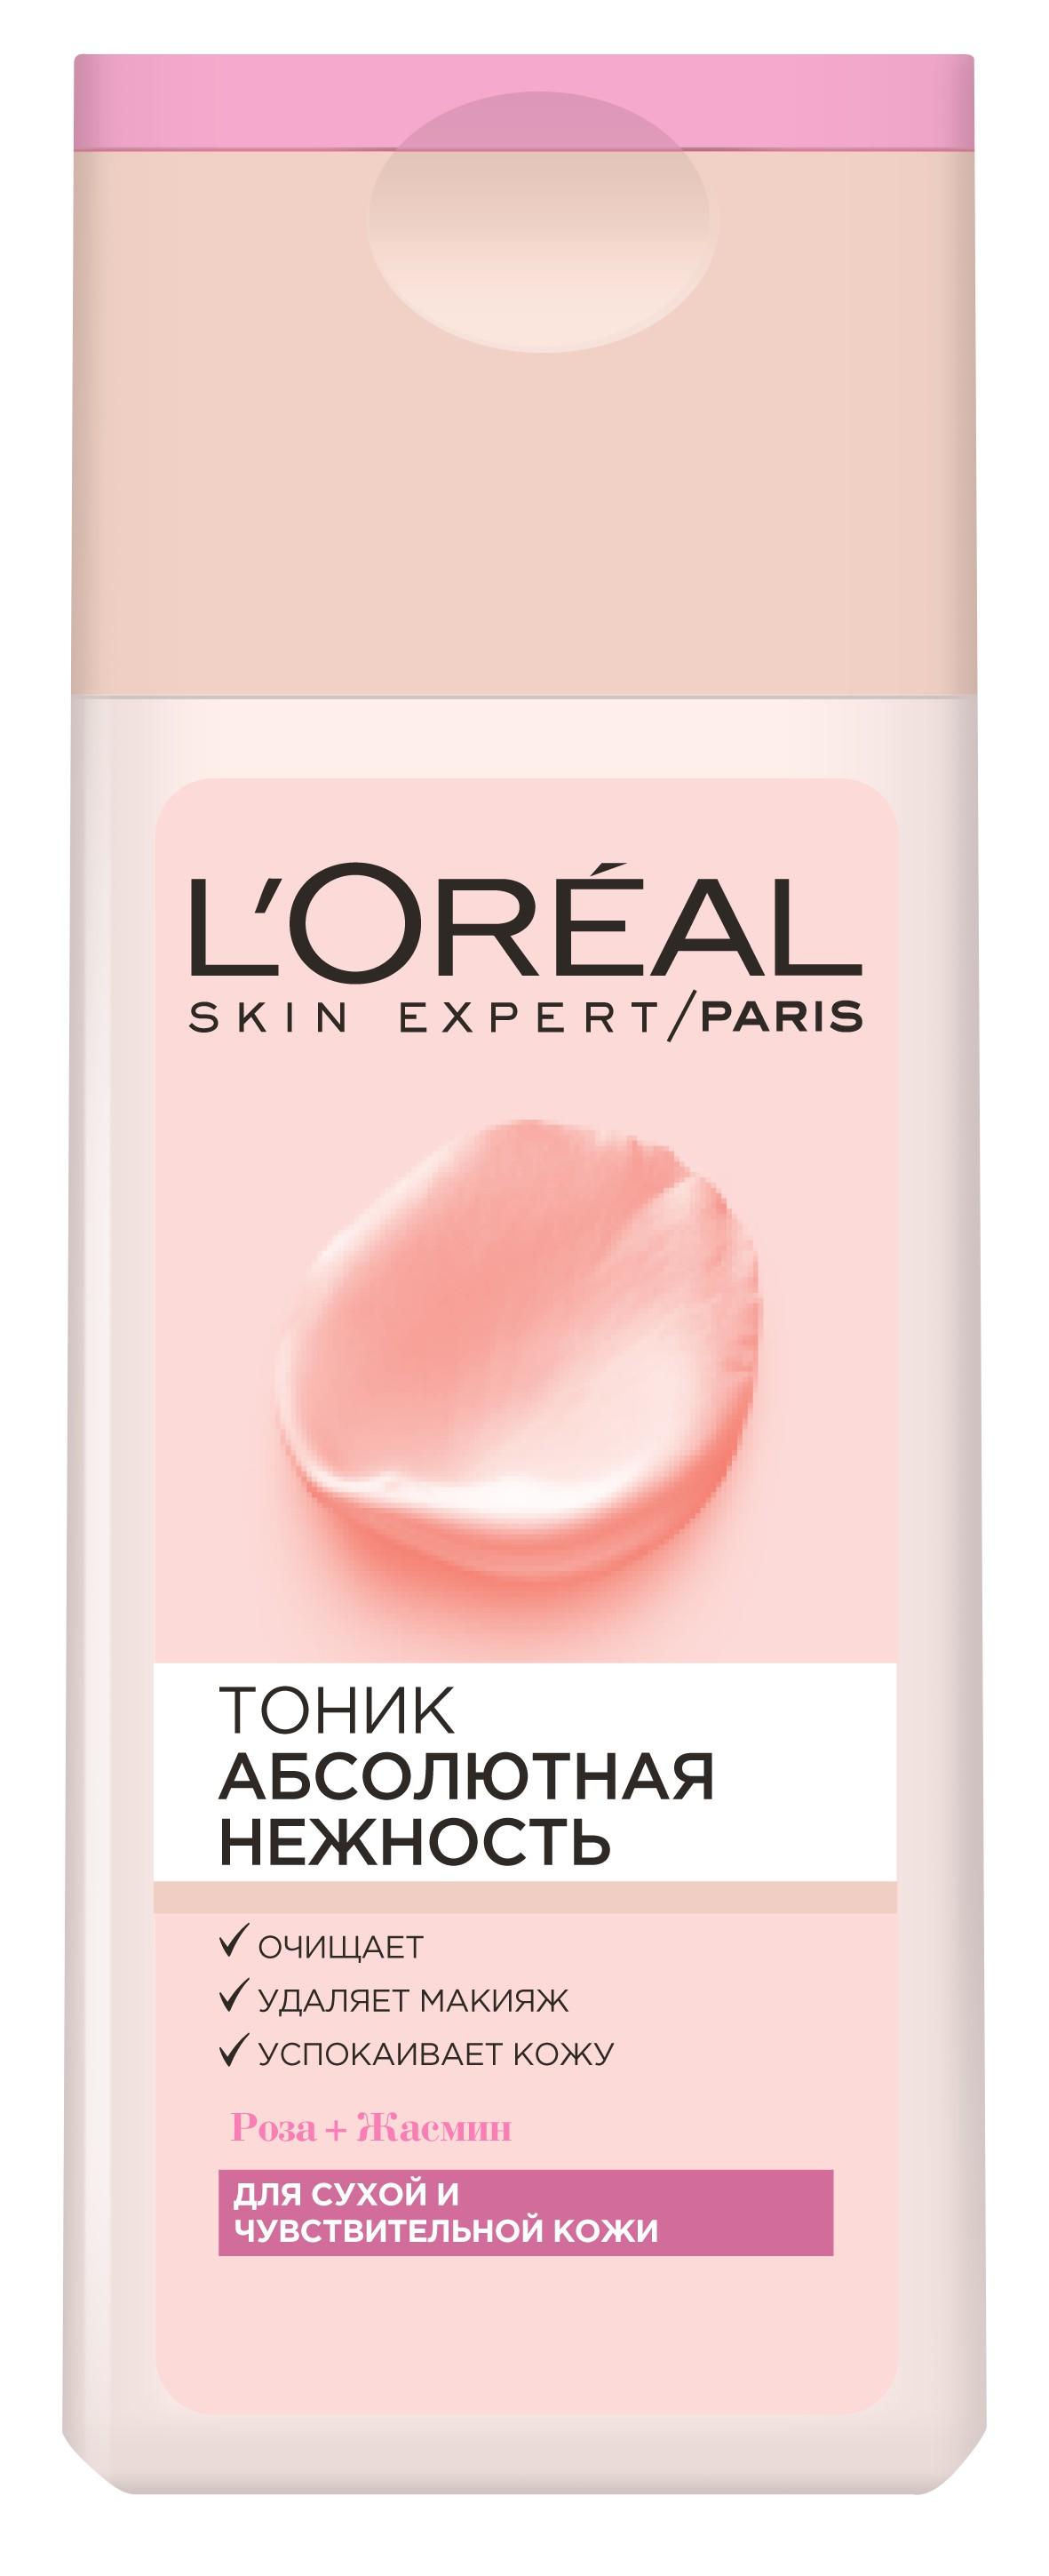 LOreal Paris Очищающий тоник Абсолютная нежность, для сухой и чувствительной кожи, 200 мл, с экстрактами Розы и ЖасминаA7089500Тоник освежает, удаляет загрязнения и остатки макияжа. Ваша кожа очищена от макияжа и загрязнений. Она становится нежной, более мягкой и красивой. Тонкий цветочный аромат позволит вам получить истинное удовольствие от чувственный опыт от ухода за кожей. Содержит экстракт розы, известный своими успокаивающими свойствами и способностью уменьшать ощущение дискомфорта, и экстракт жасмина, известный своими смягчающими и успокаивающими свойствами.